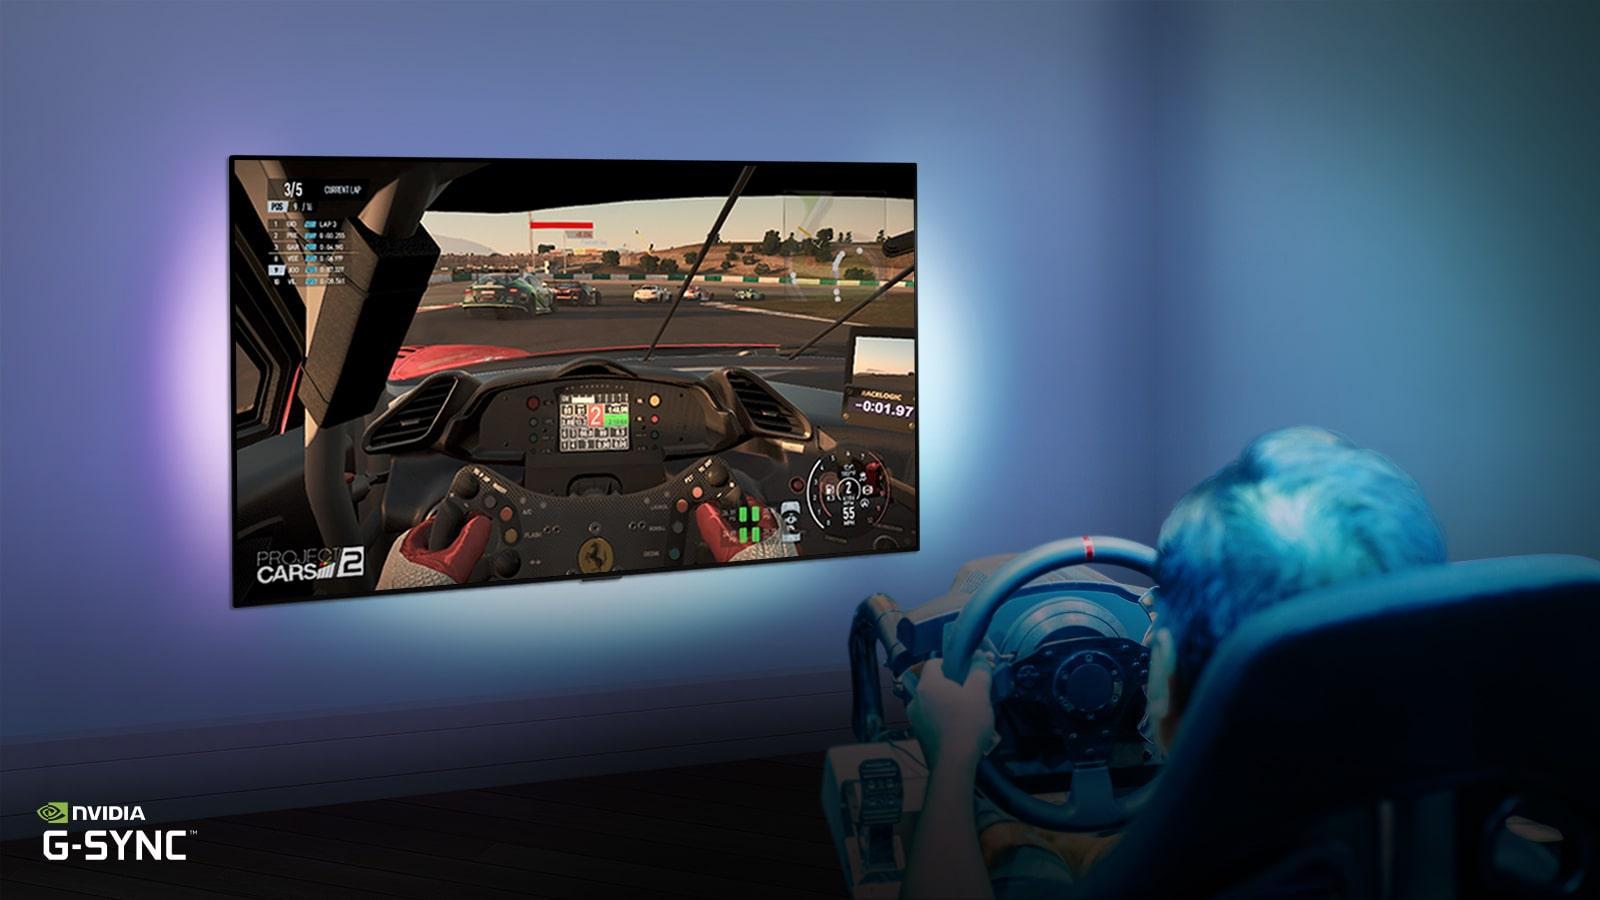 自體發光像素使遊戲反應更快1